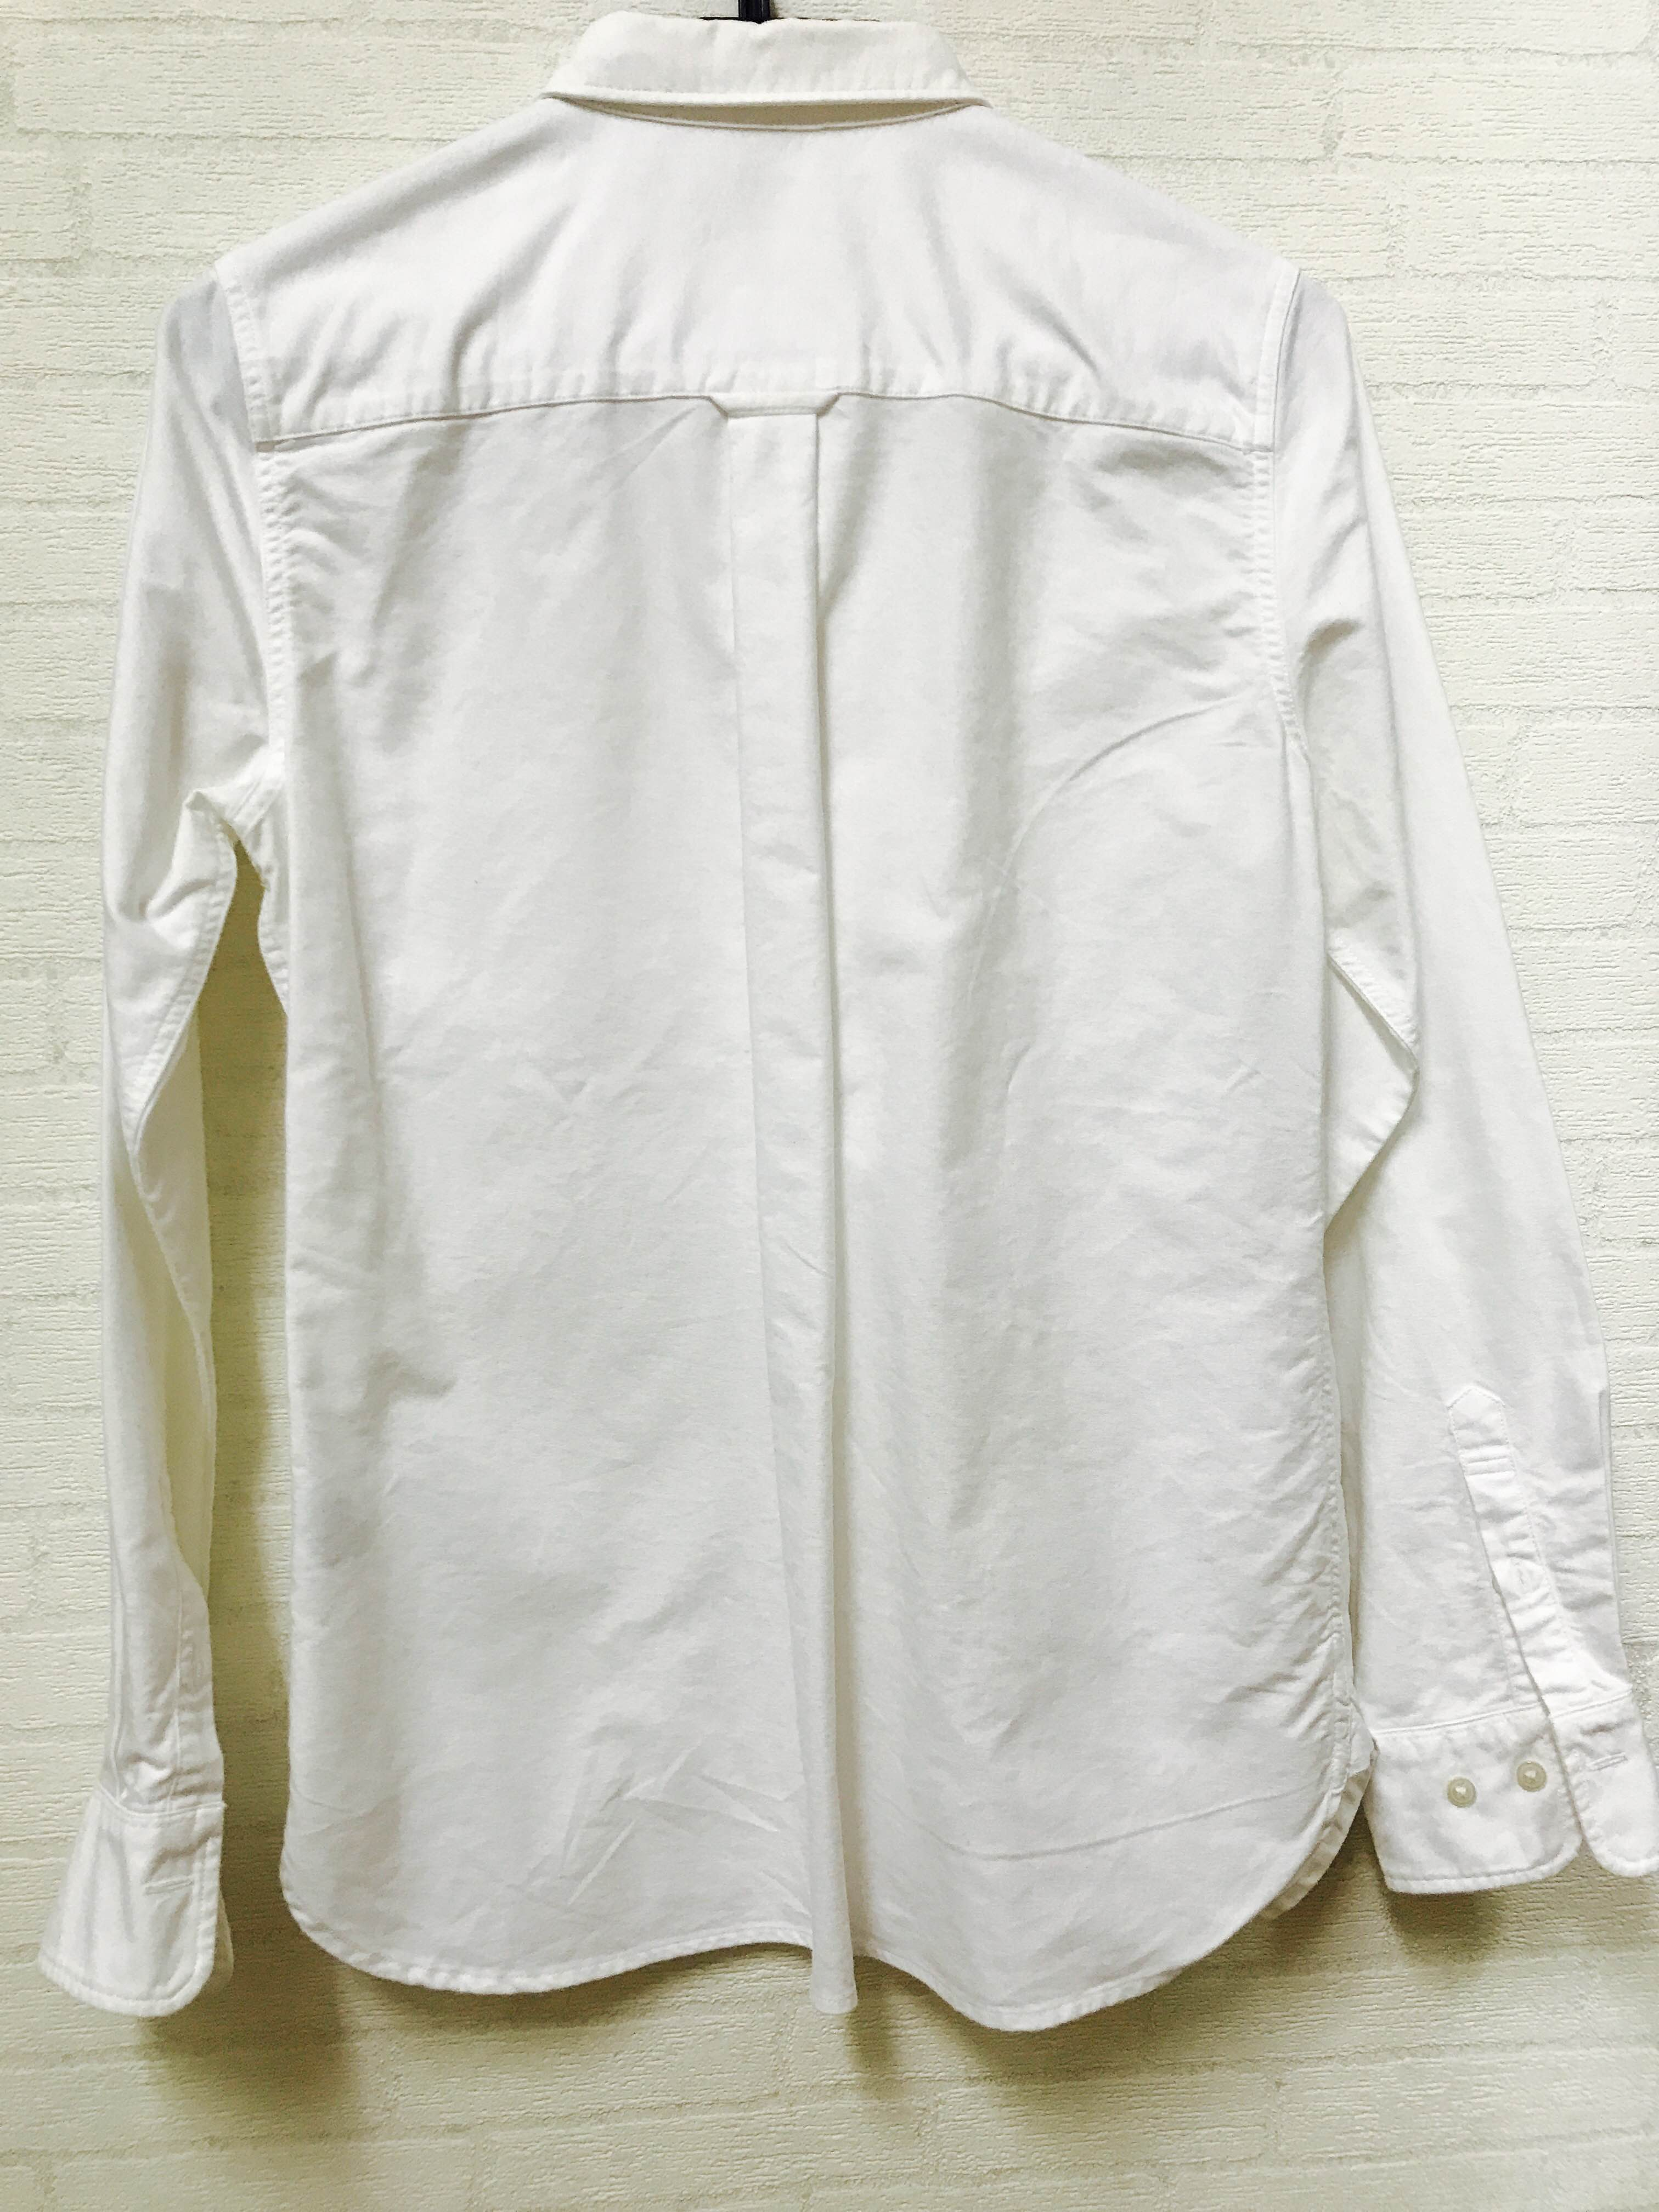 「今までの白シャツと何が違うの?」と思われるかもしれません。 なんとこのシャツ、比翼仕立てなんです!